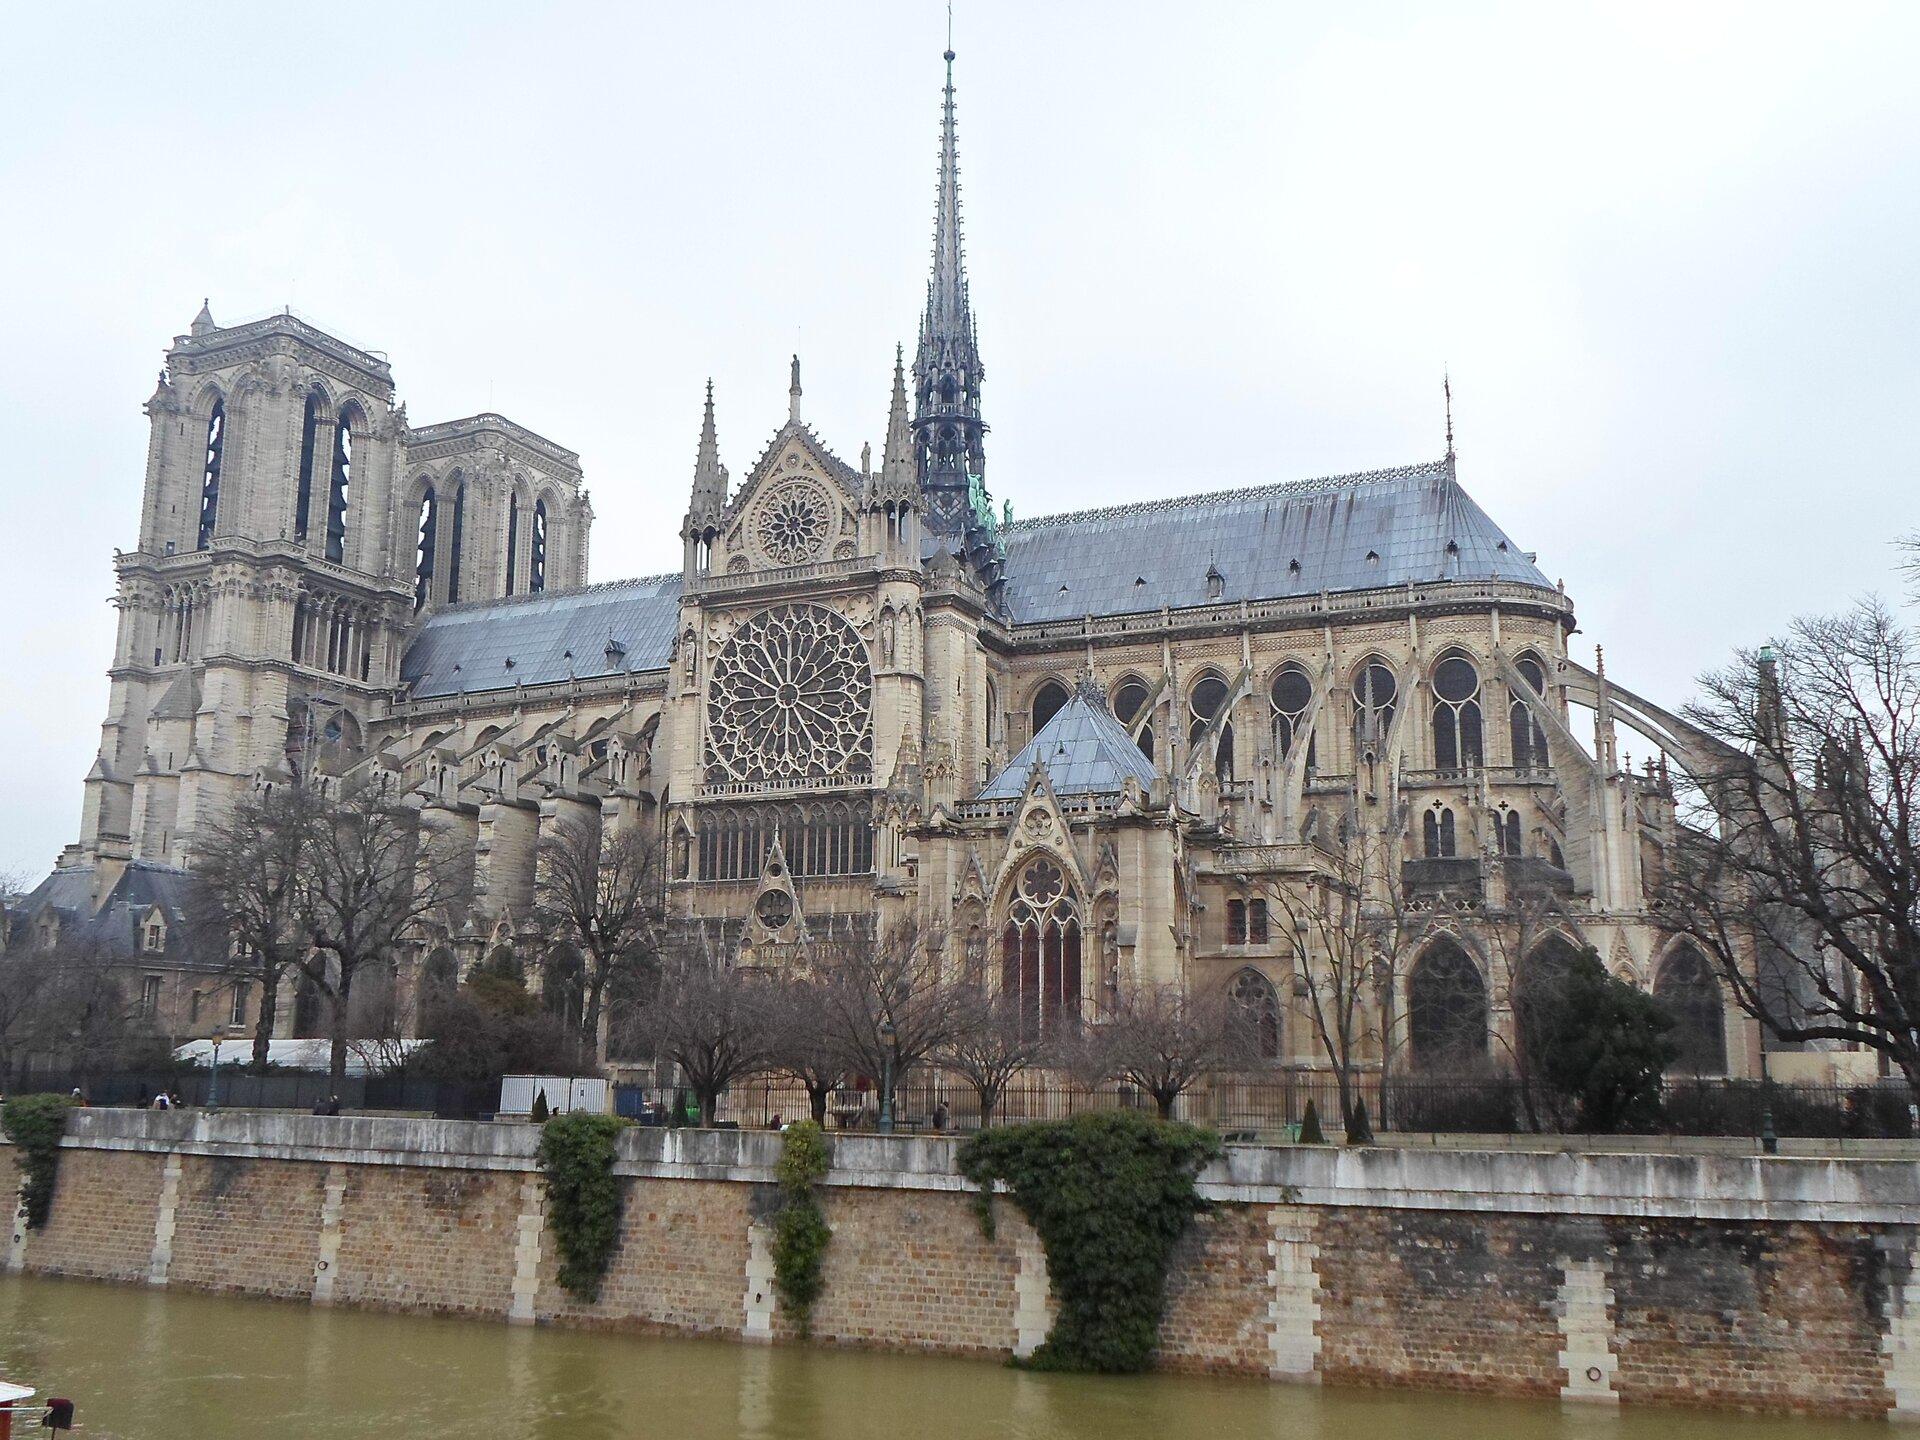 Katedra Notre-Dame wParyżu zXII w., widok od południa Katedra Notre-Dame wParyżu zXII w., widok od południa Źródło: Bibonius, Wikimedia Commons, domena publiczna.